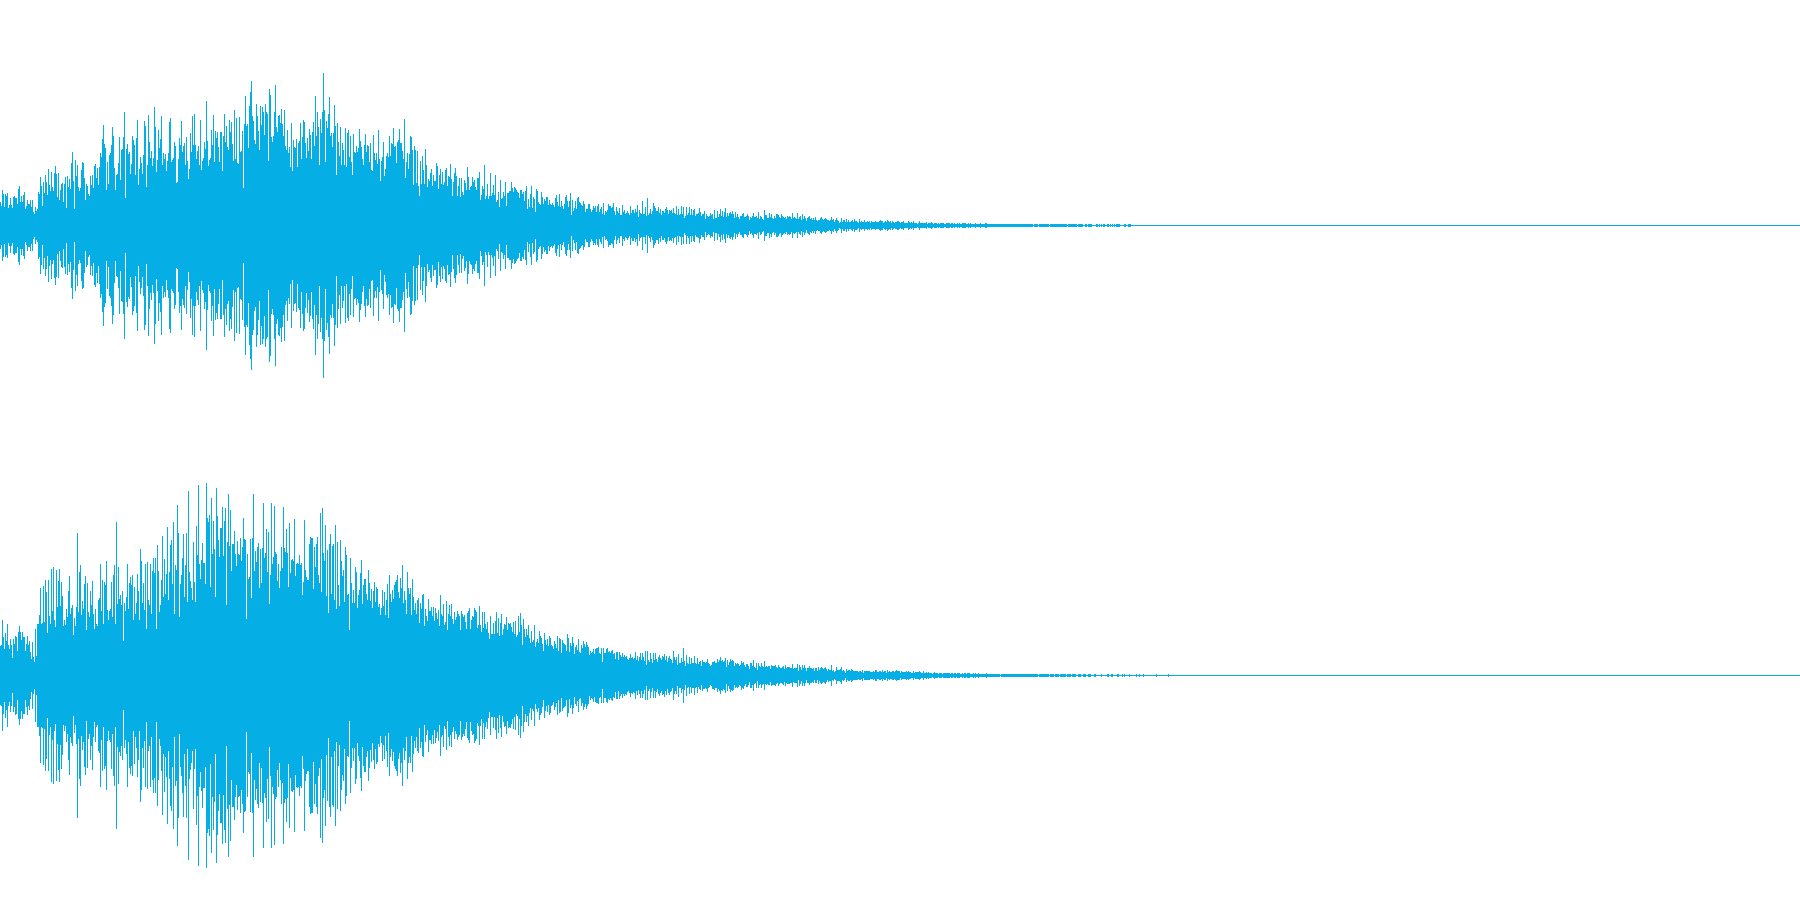 シンプルな決定音 ボタン音 正解音 19の再生済みの波形